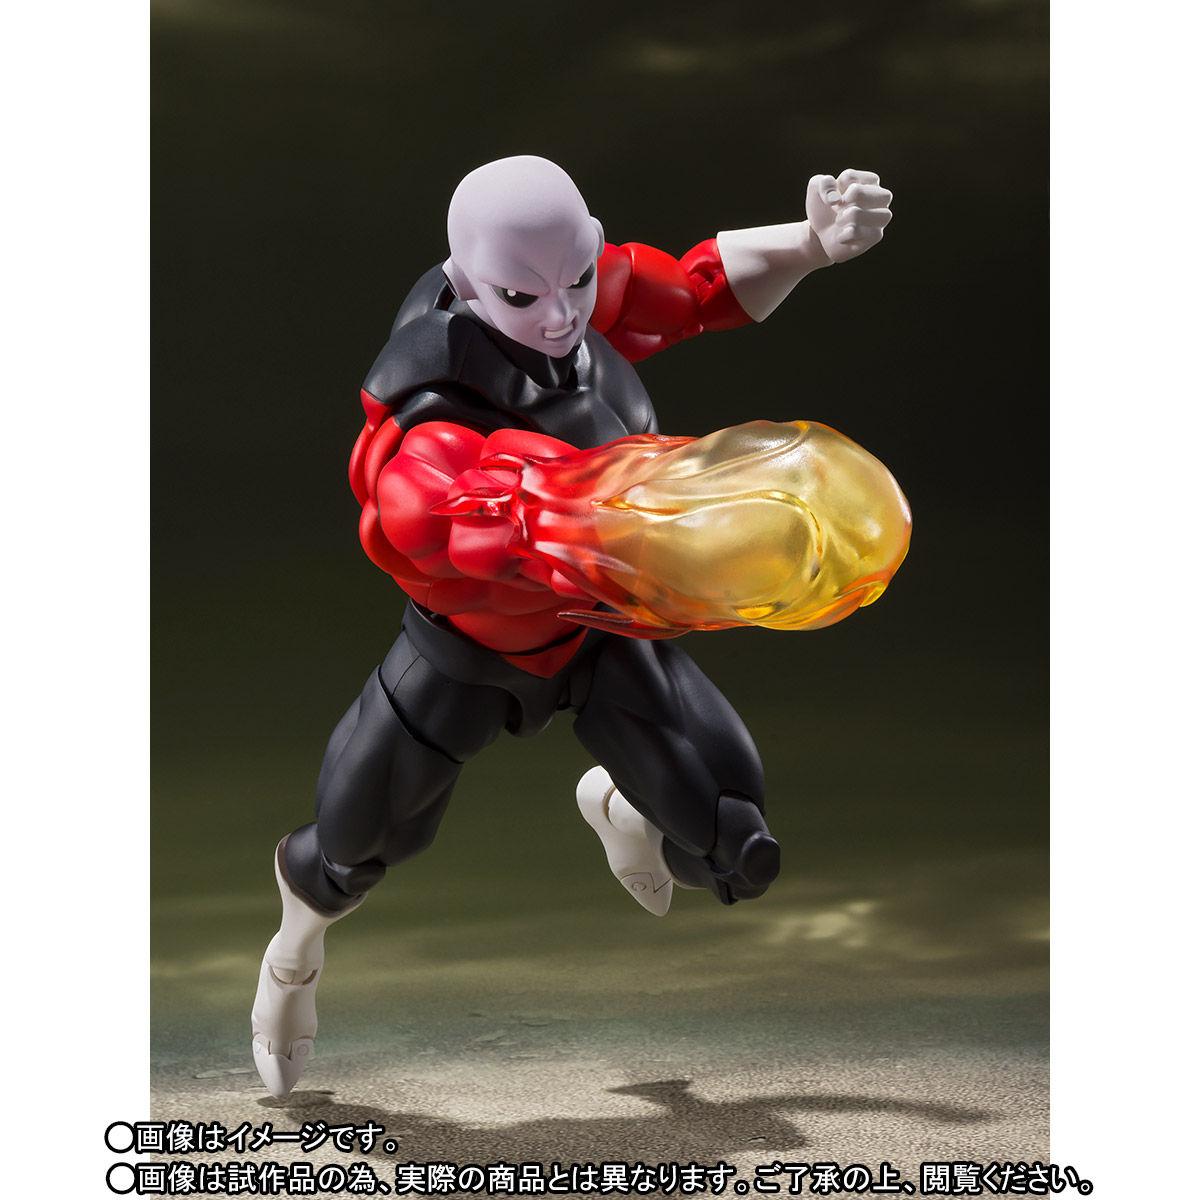 【限定販売】S.H.Figuarts『ジレン』ドラゴンボール超 可動フィギュア-003